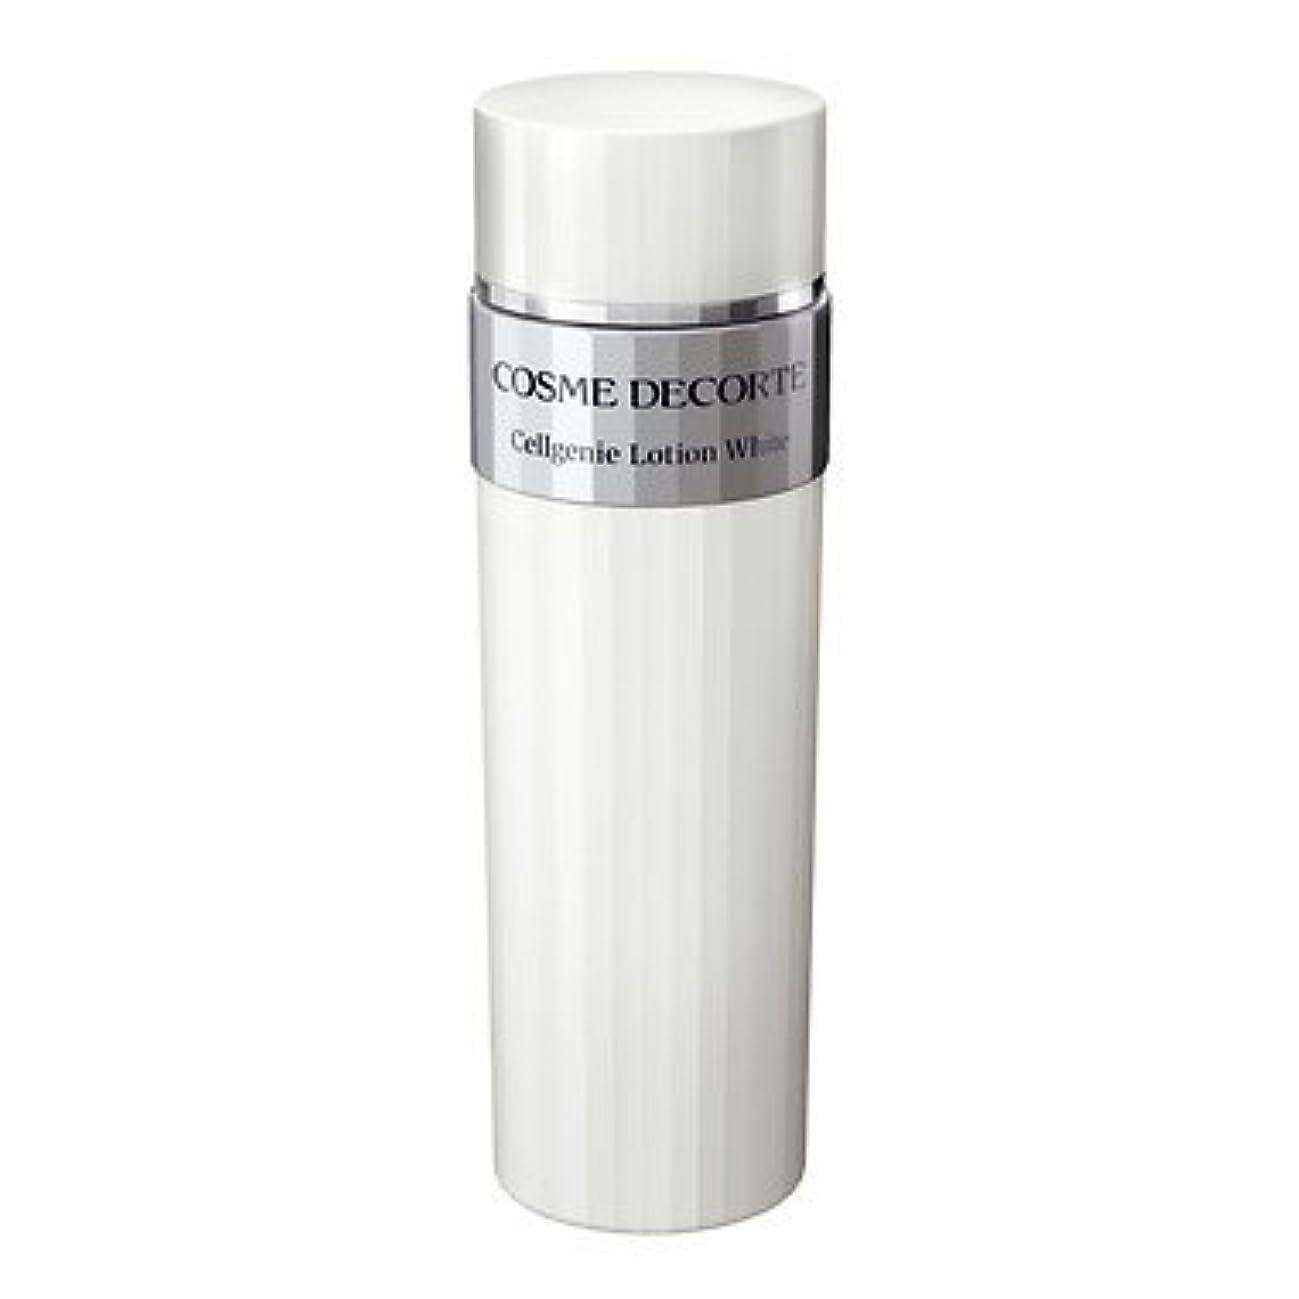 頂点適合不和COSME DECORTE コーセー/KOSE セルジェニーローションホワイト 200ml [362916] [並行輸入品]